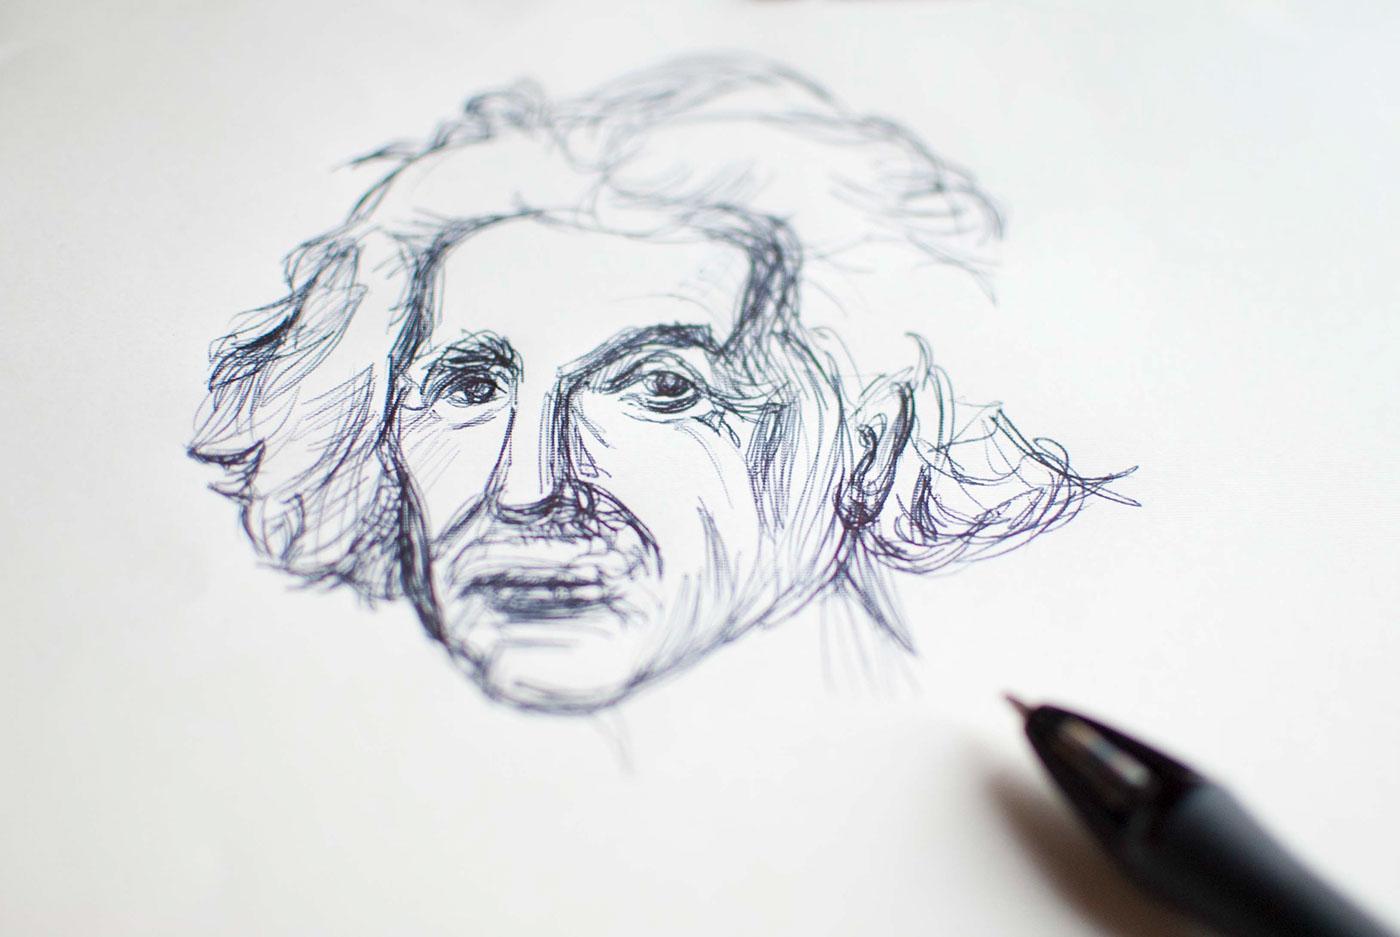 информация эйнштейн альберт постер признается